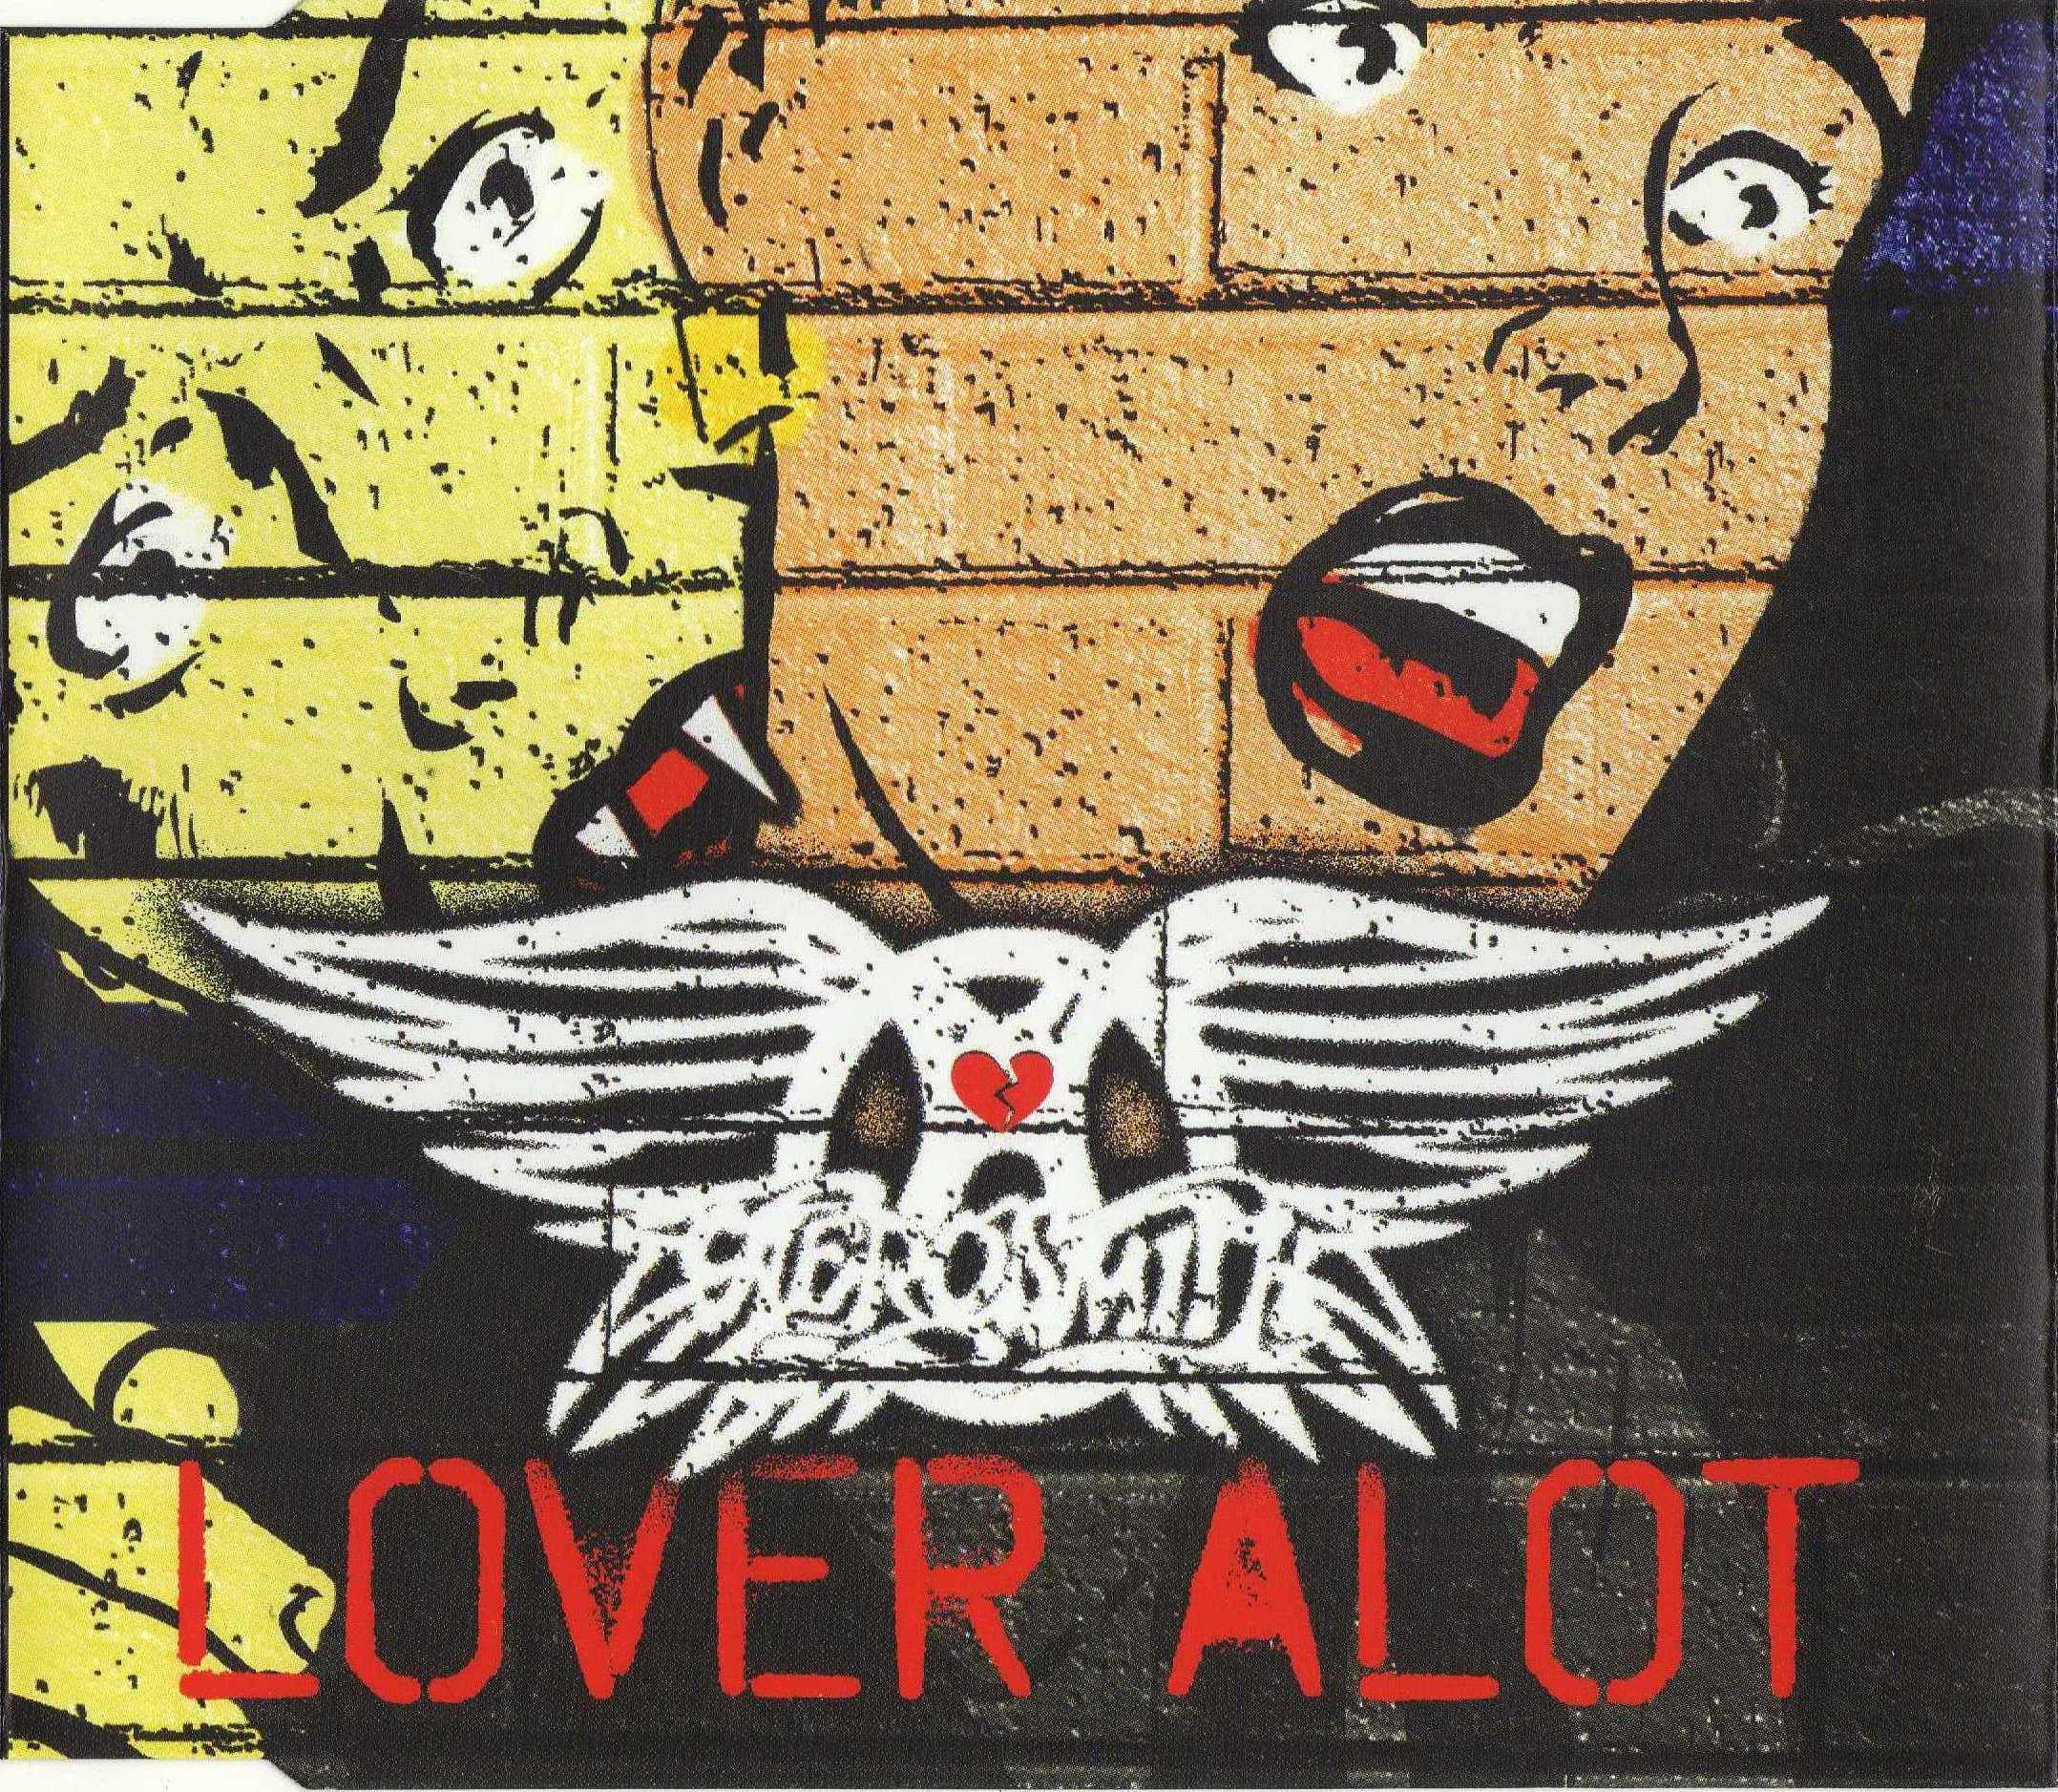 Aerosmith – Love Alot